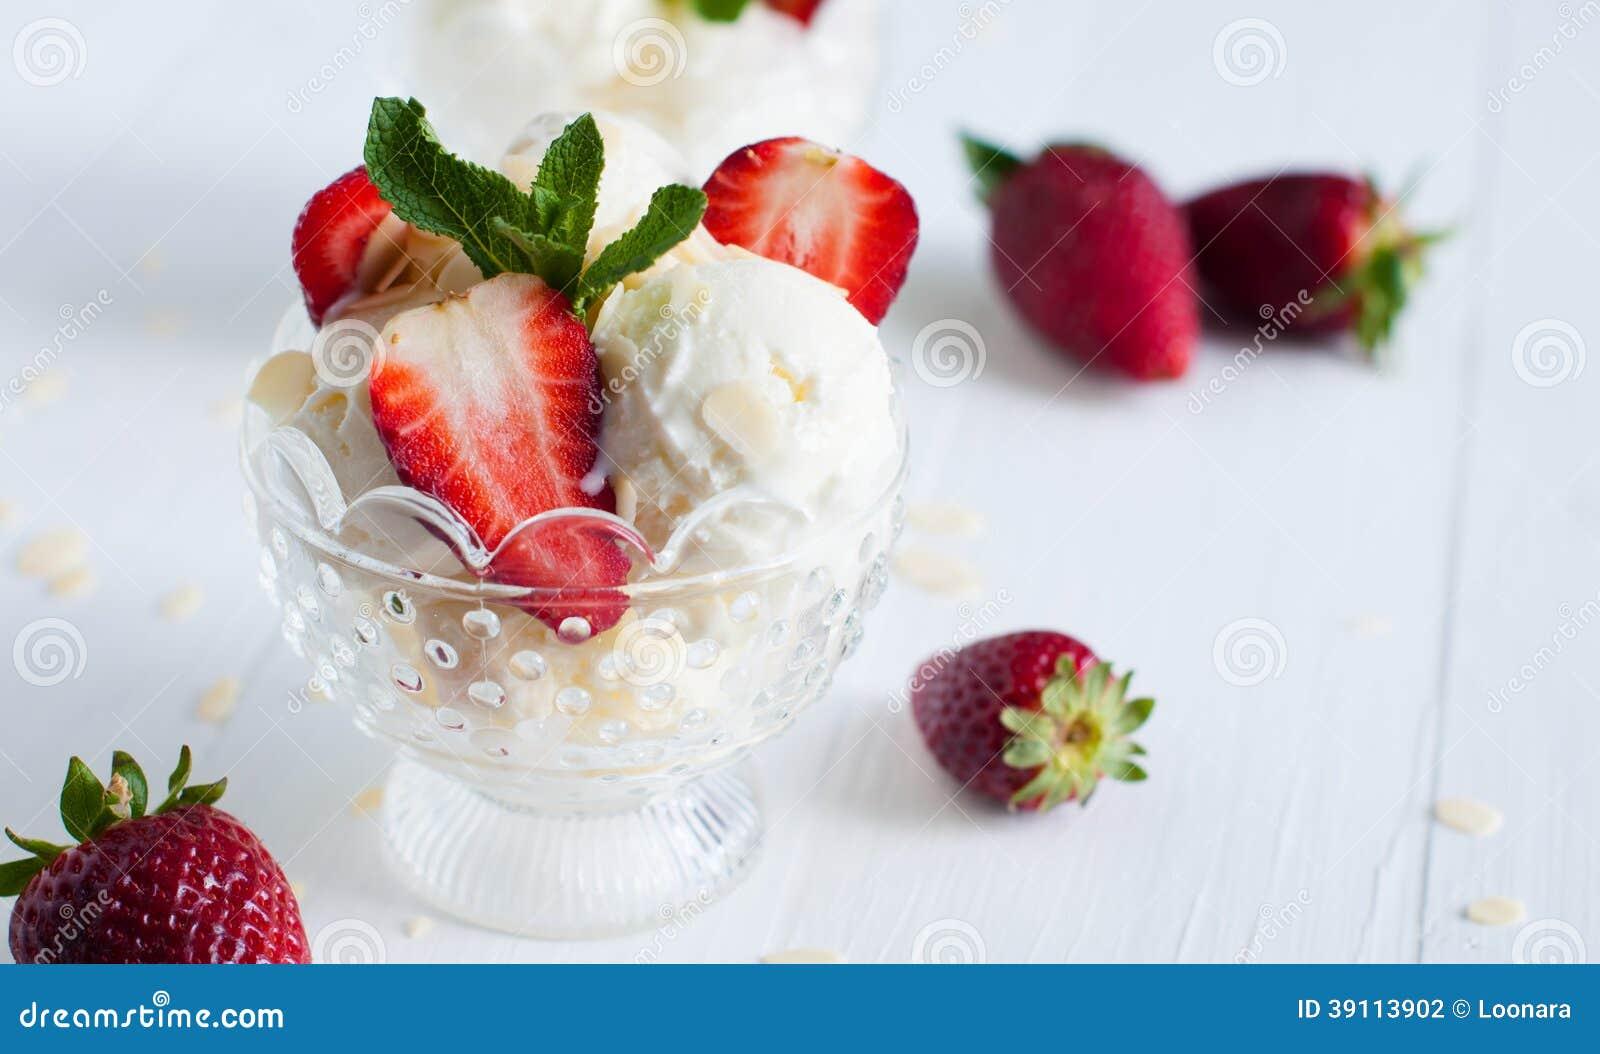 Vanilleroomijs met amandelen en aardbeien